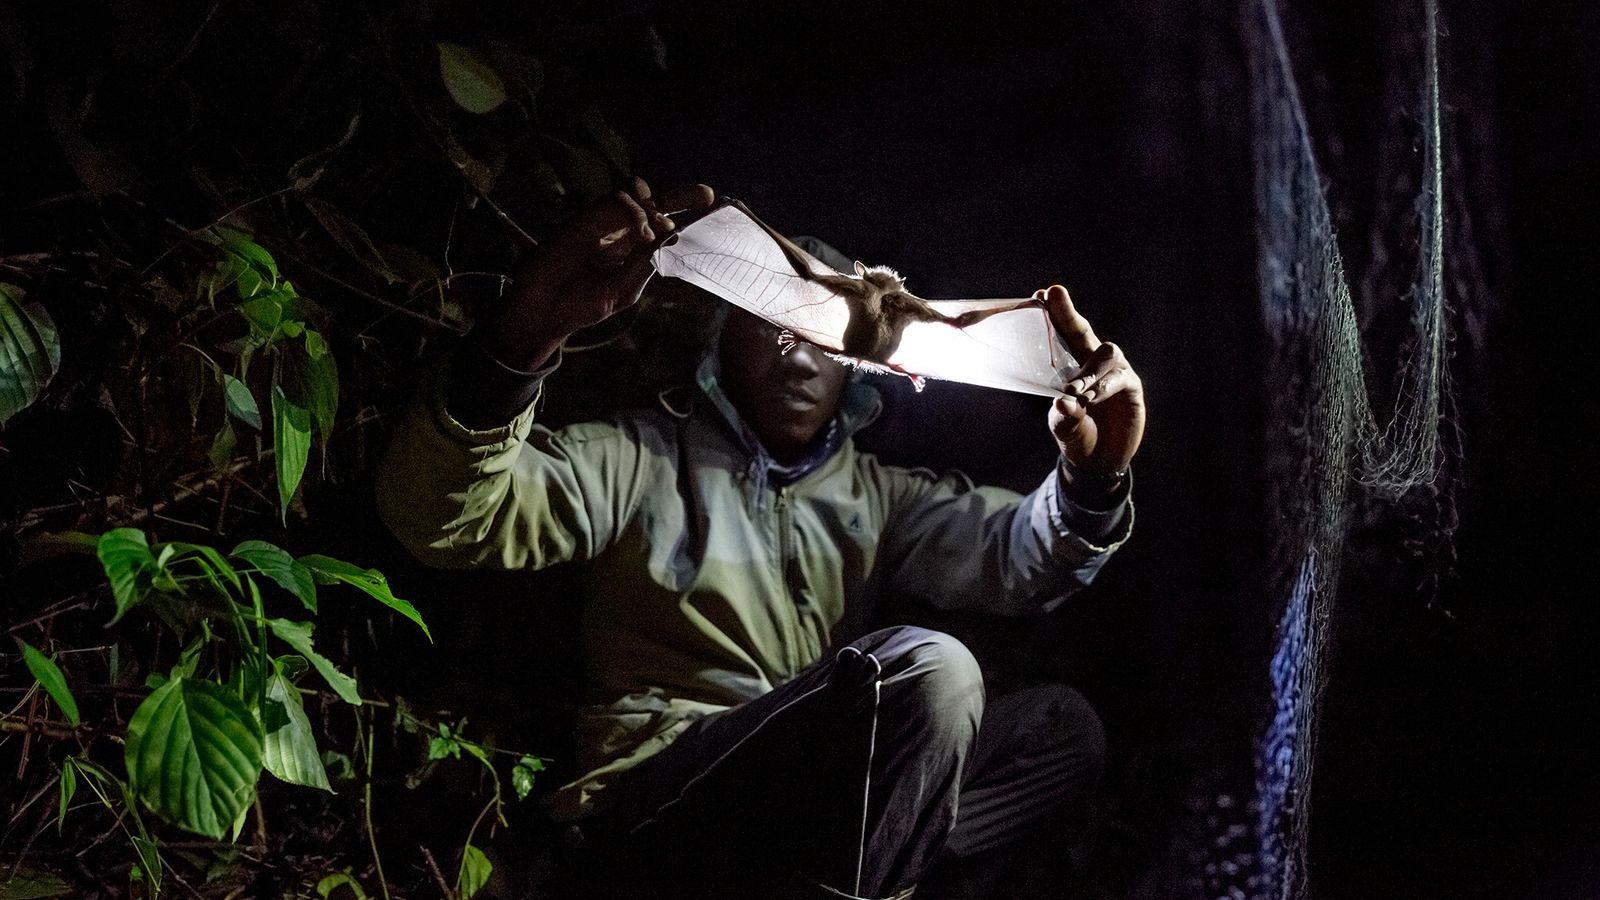 Ouganda - Un chercheur examine une chauve-souris pour détecter des signes de paludisme, de Zika et ...